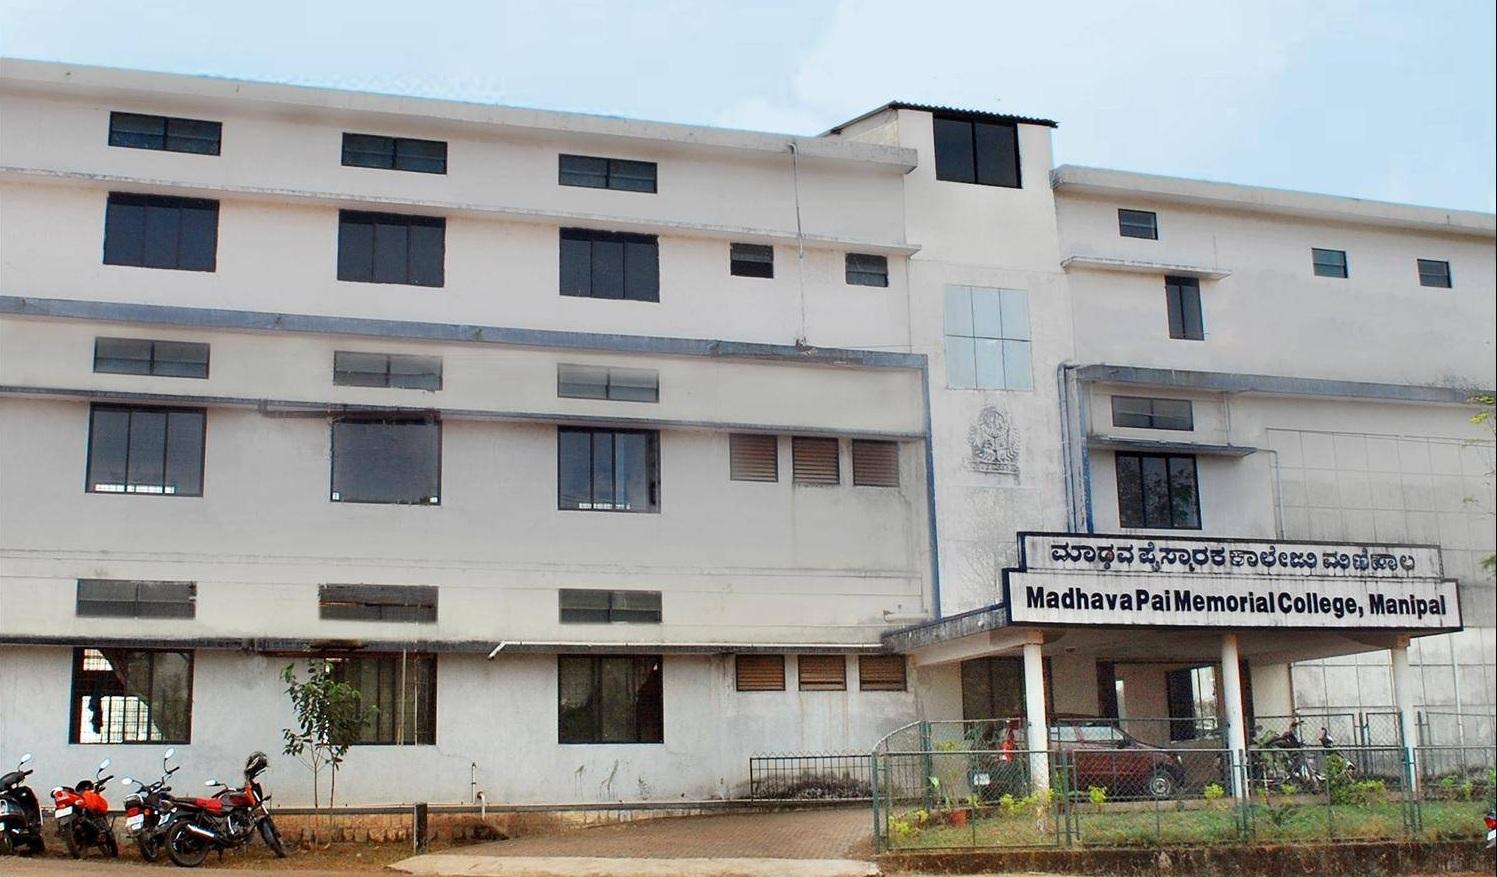 Madhava Pai Memorial College, Manipal